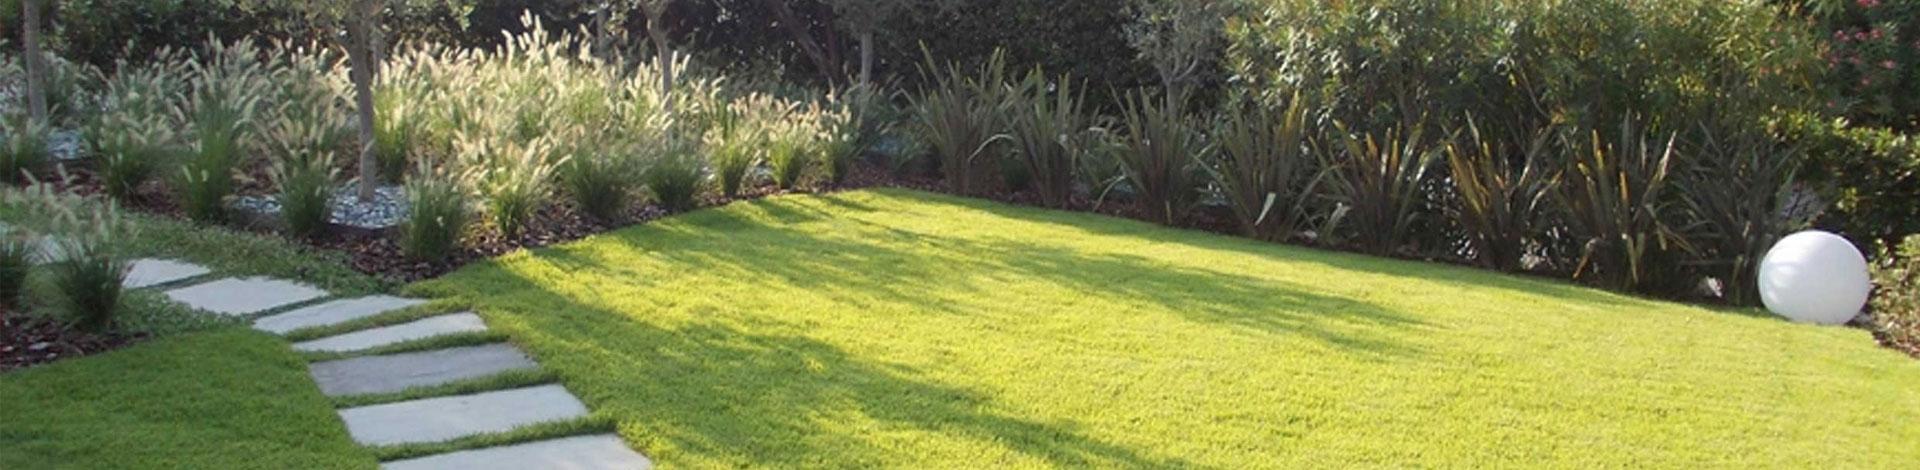 Elegant excellent giardini giardini come realizzare un for Piccoli giardini zen